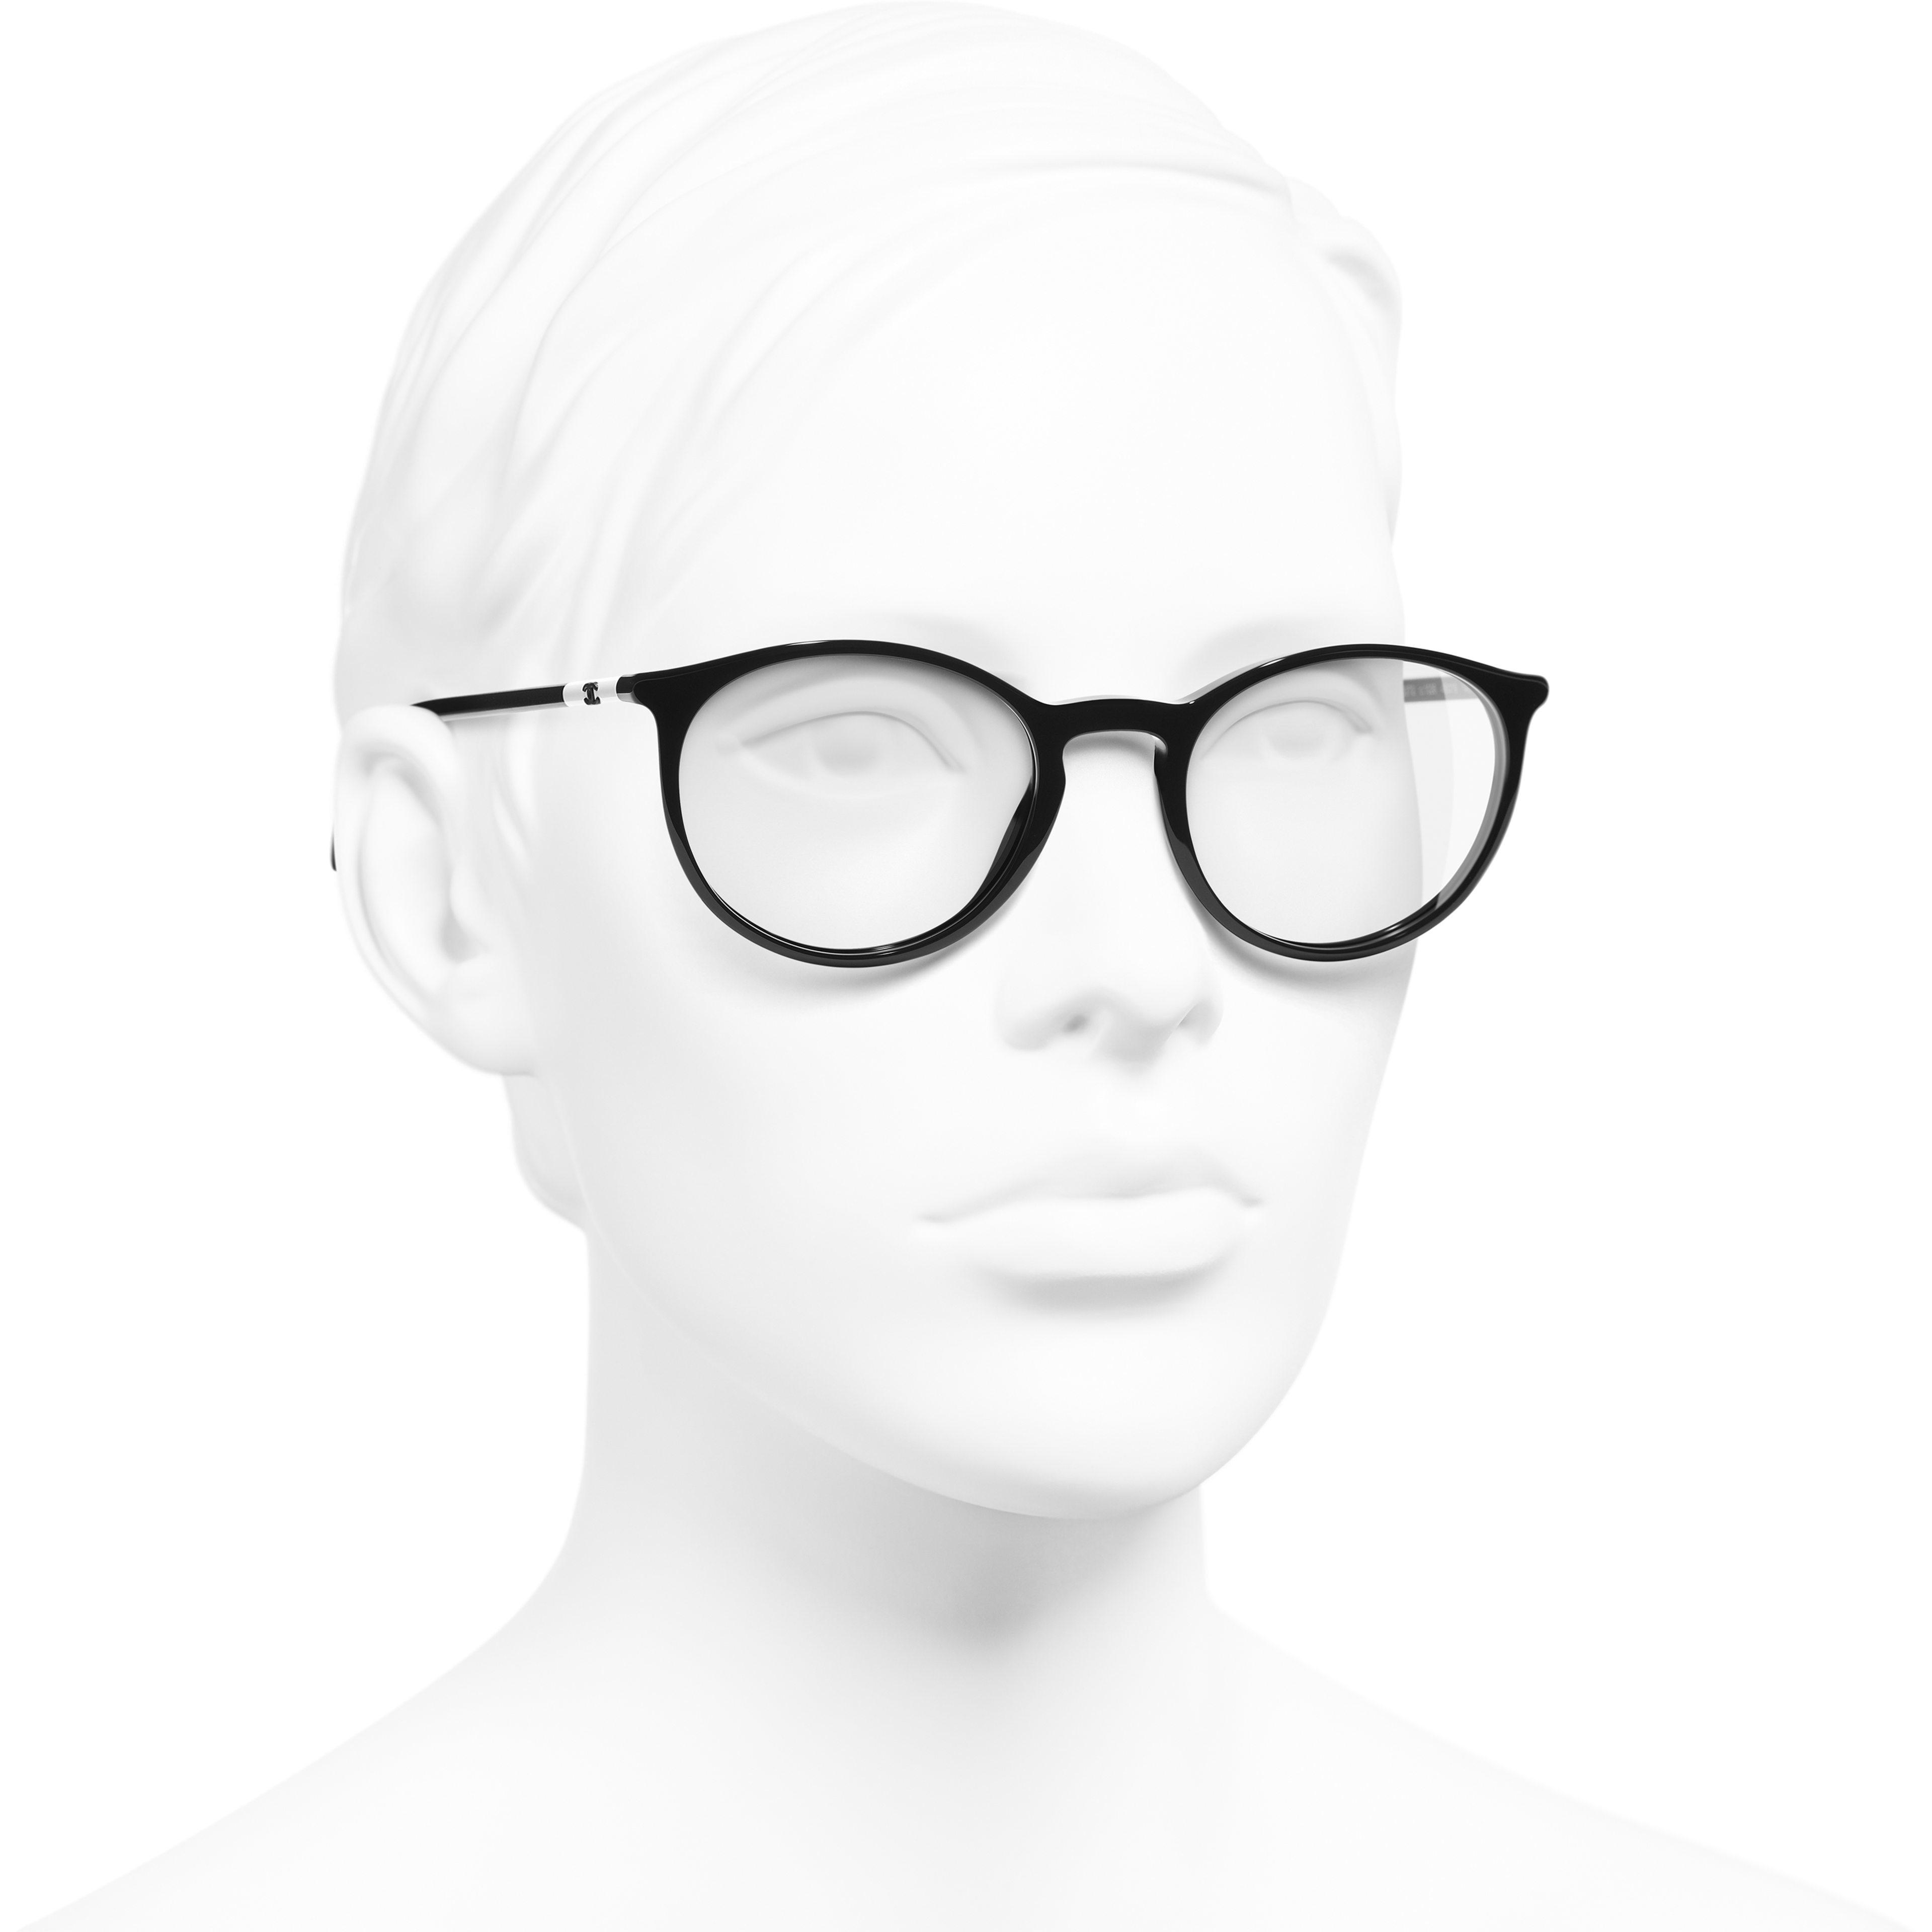 Lunettes pantos - Noir & blanc - Acétate - CHANEL - Vue de 3/4 portée - voir la version taille standard